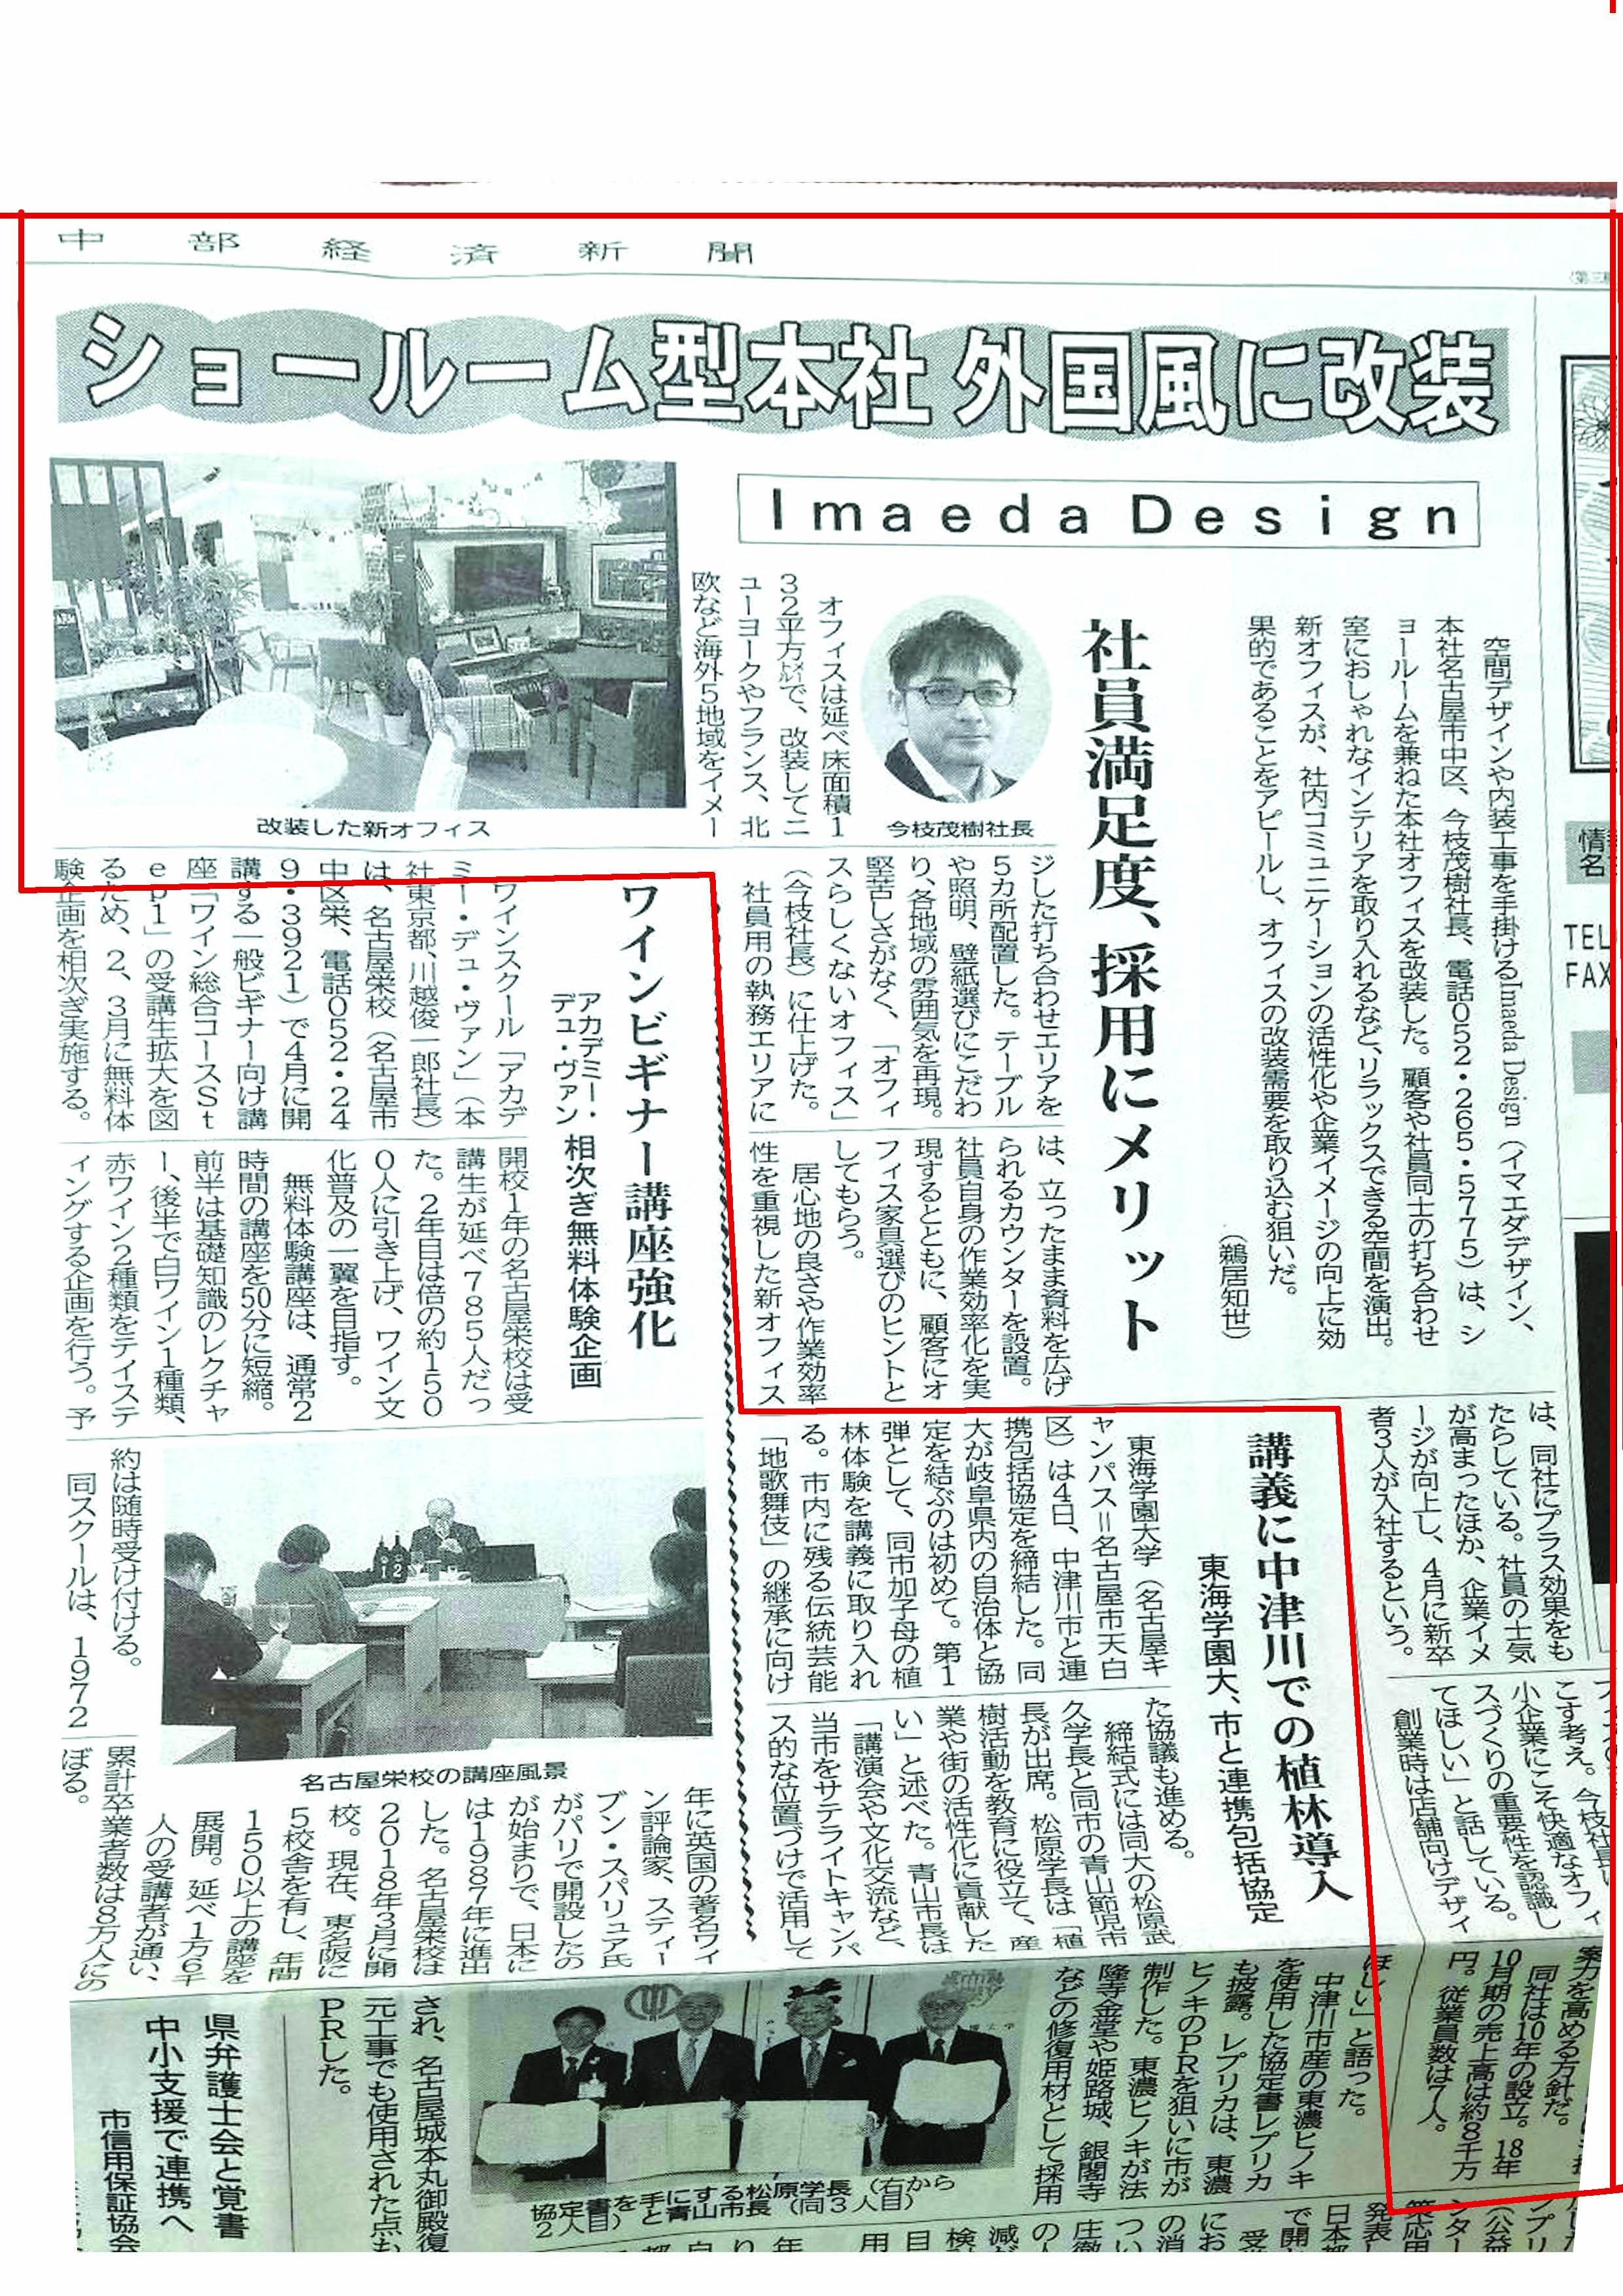 2019-02-05 中部経済新聞 加工